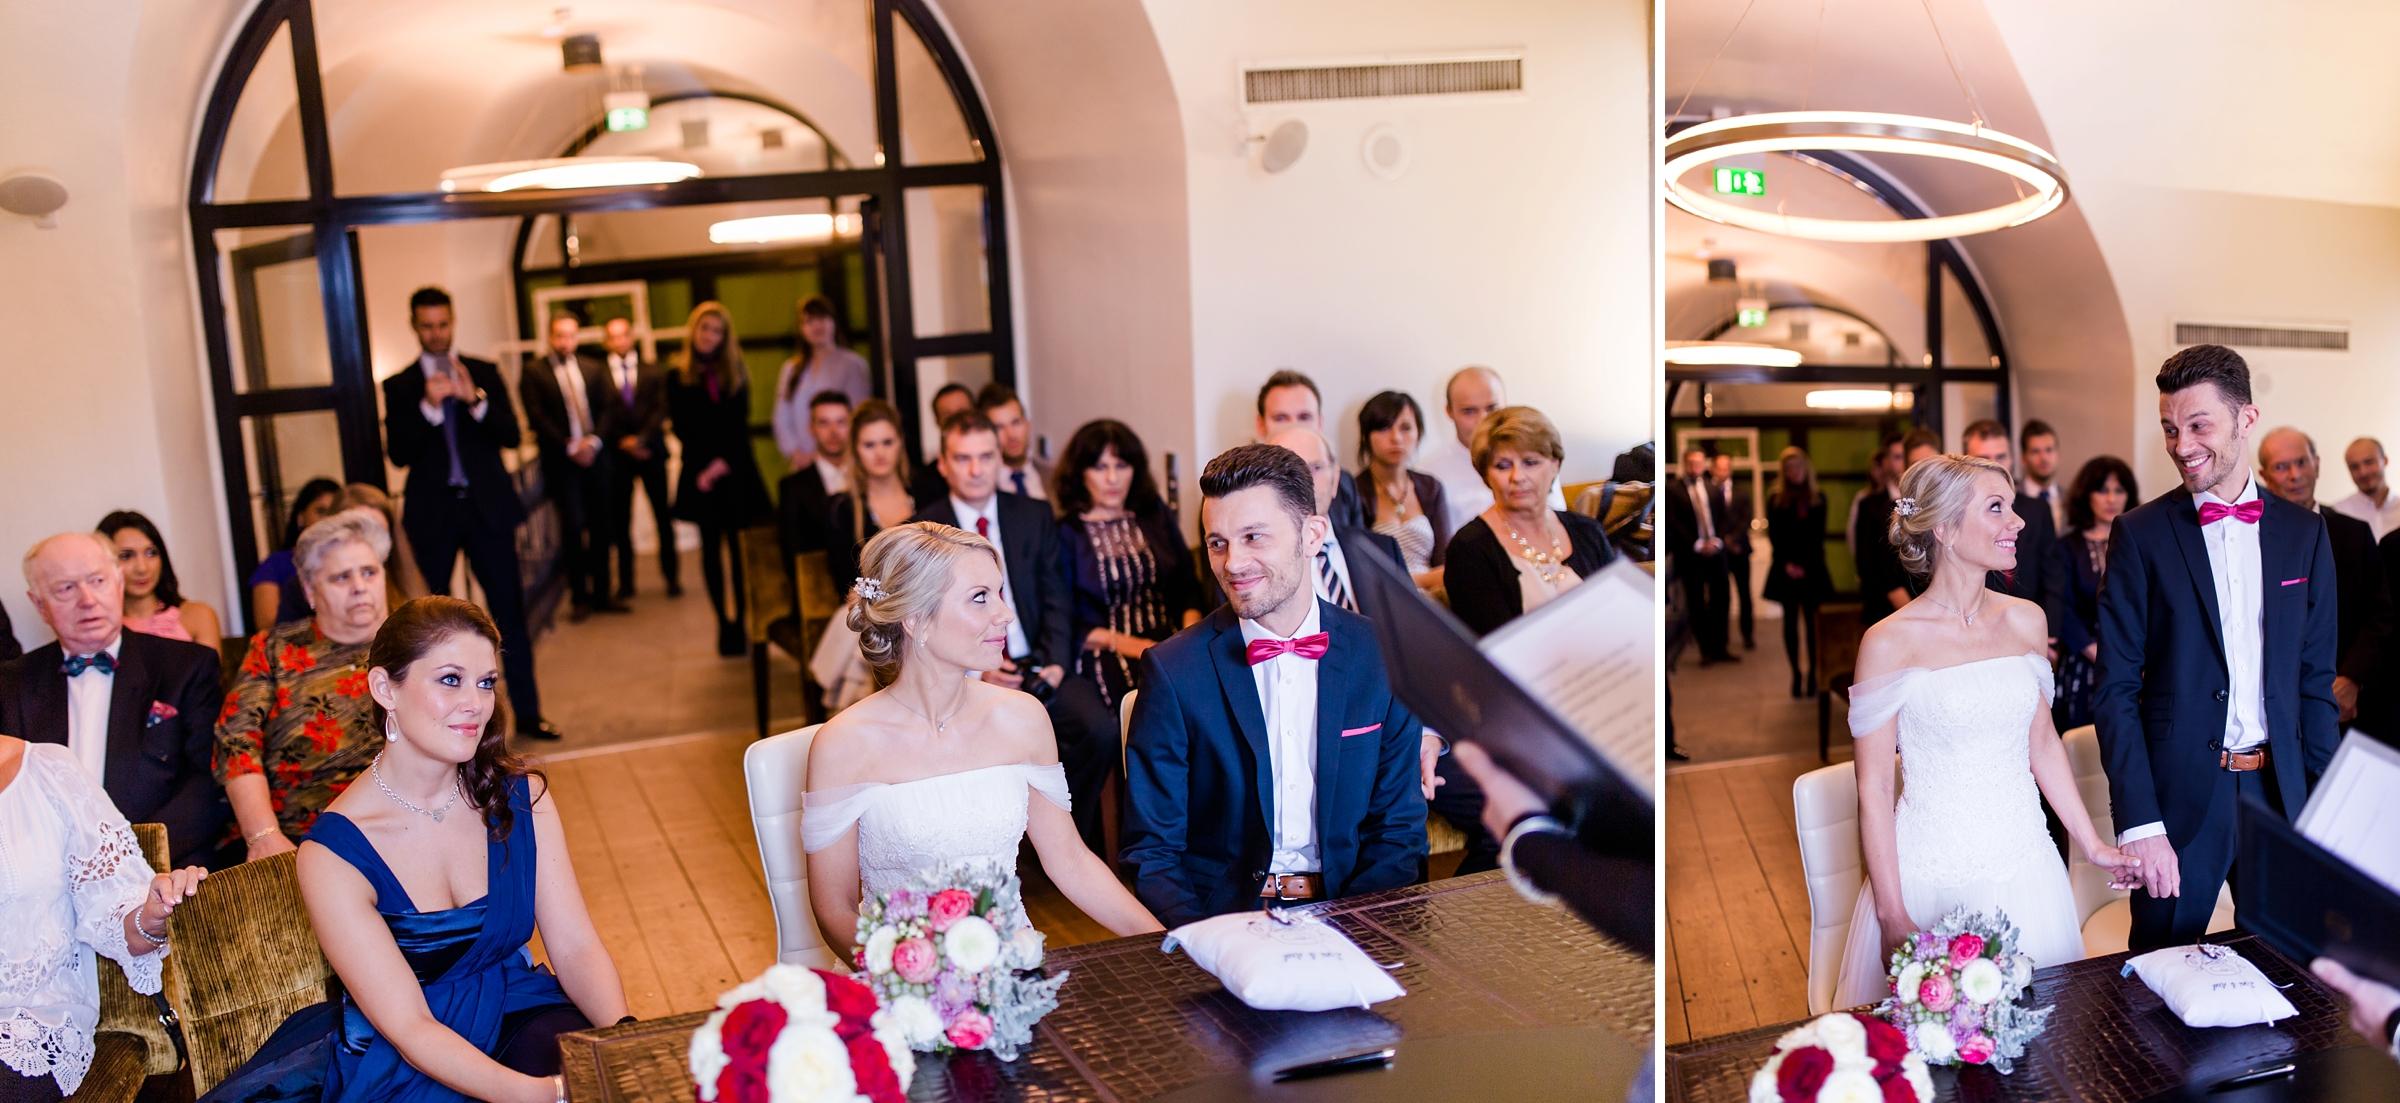 Hochzeitsfotograf-Mainz-Hyatt-Trausaal